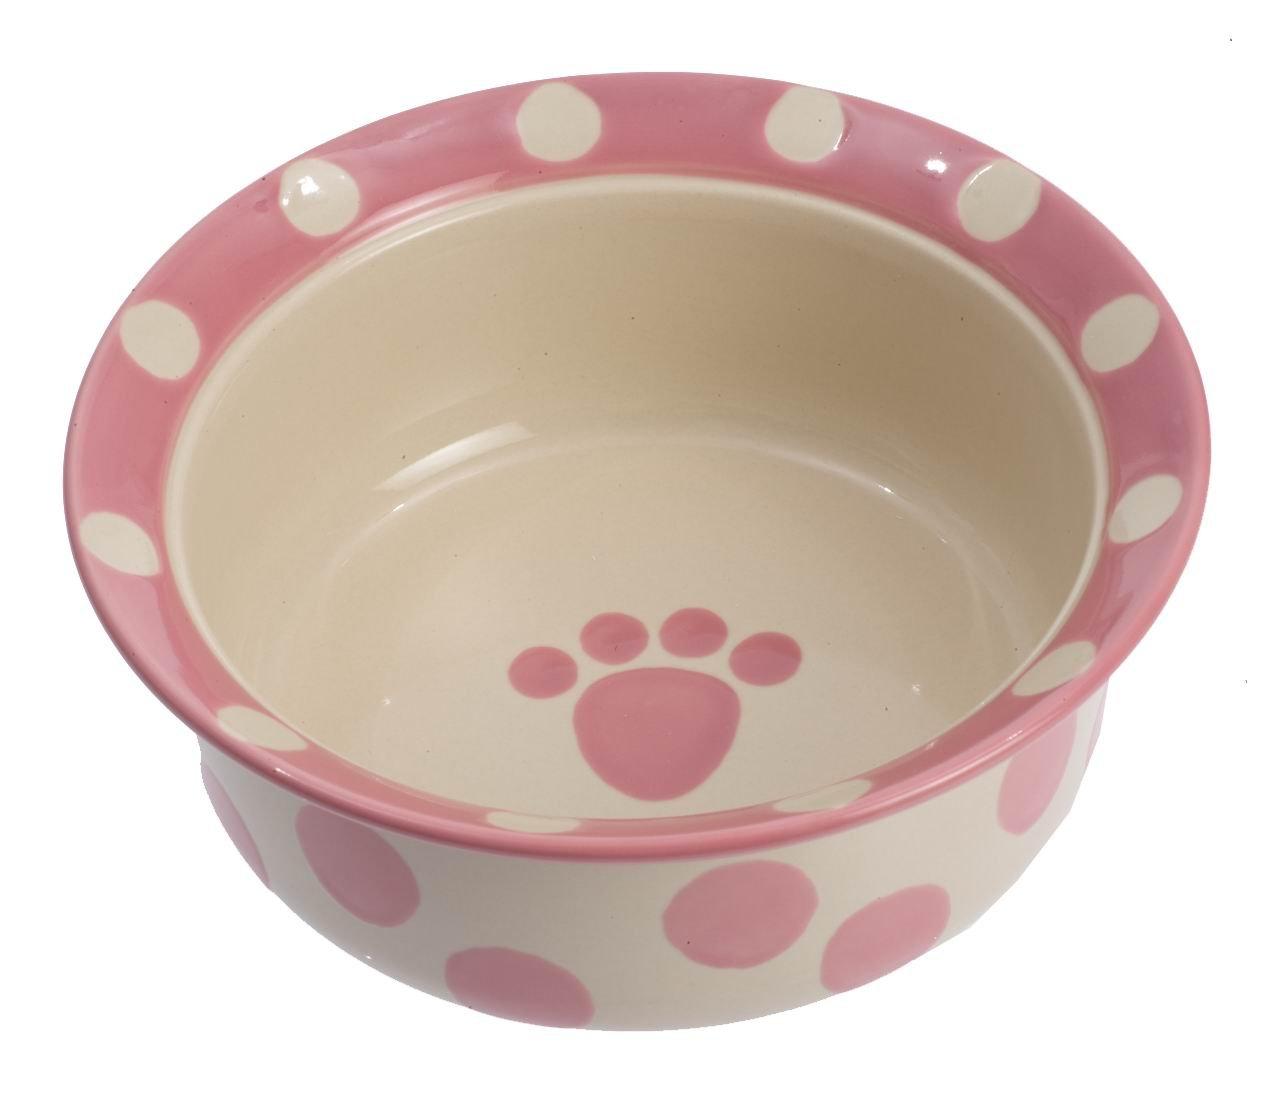 Petrageous Designs Polka Paws 6'' Deep Pet Bowl, Pink